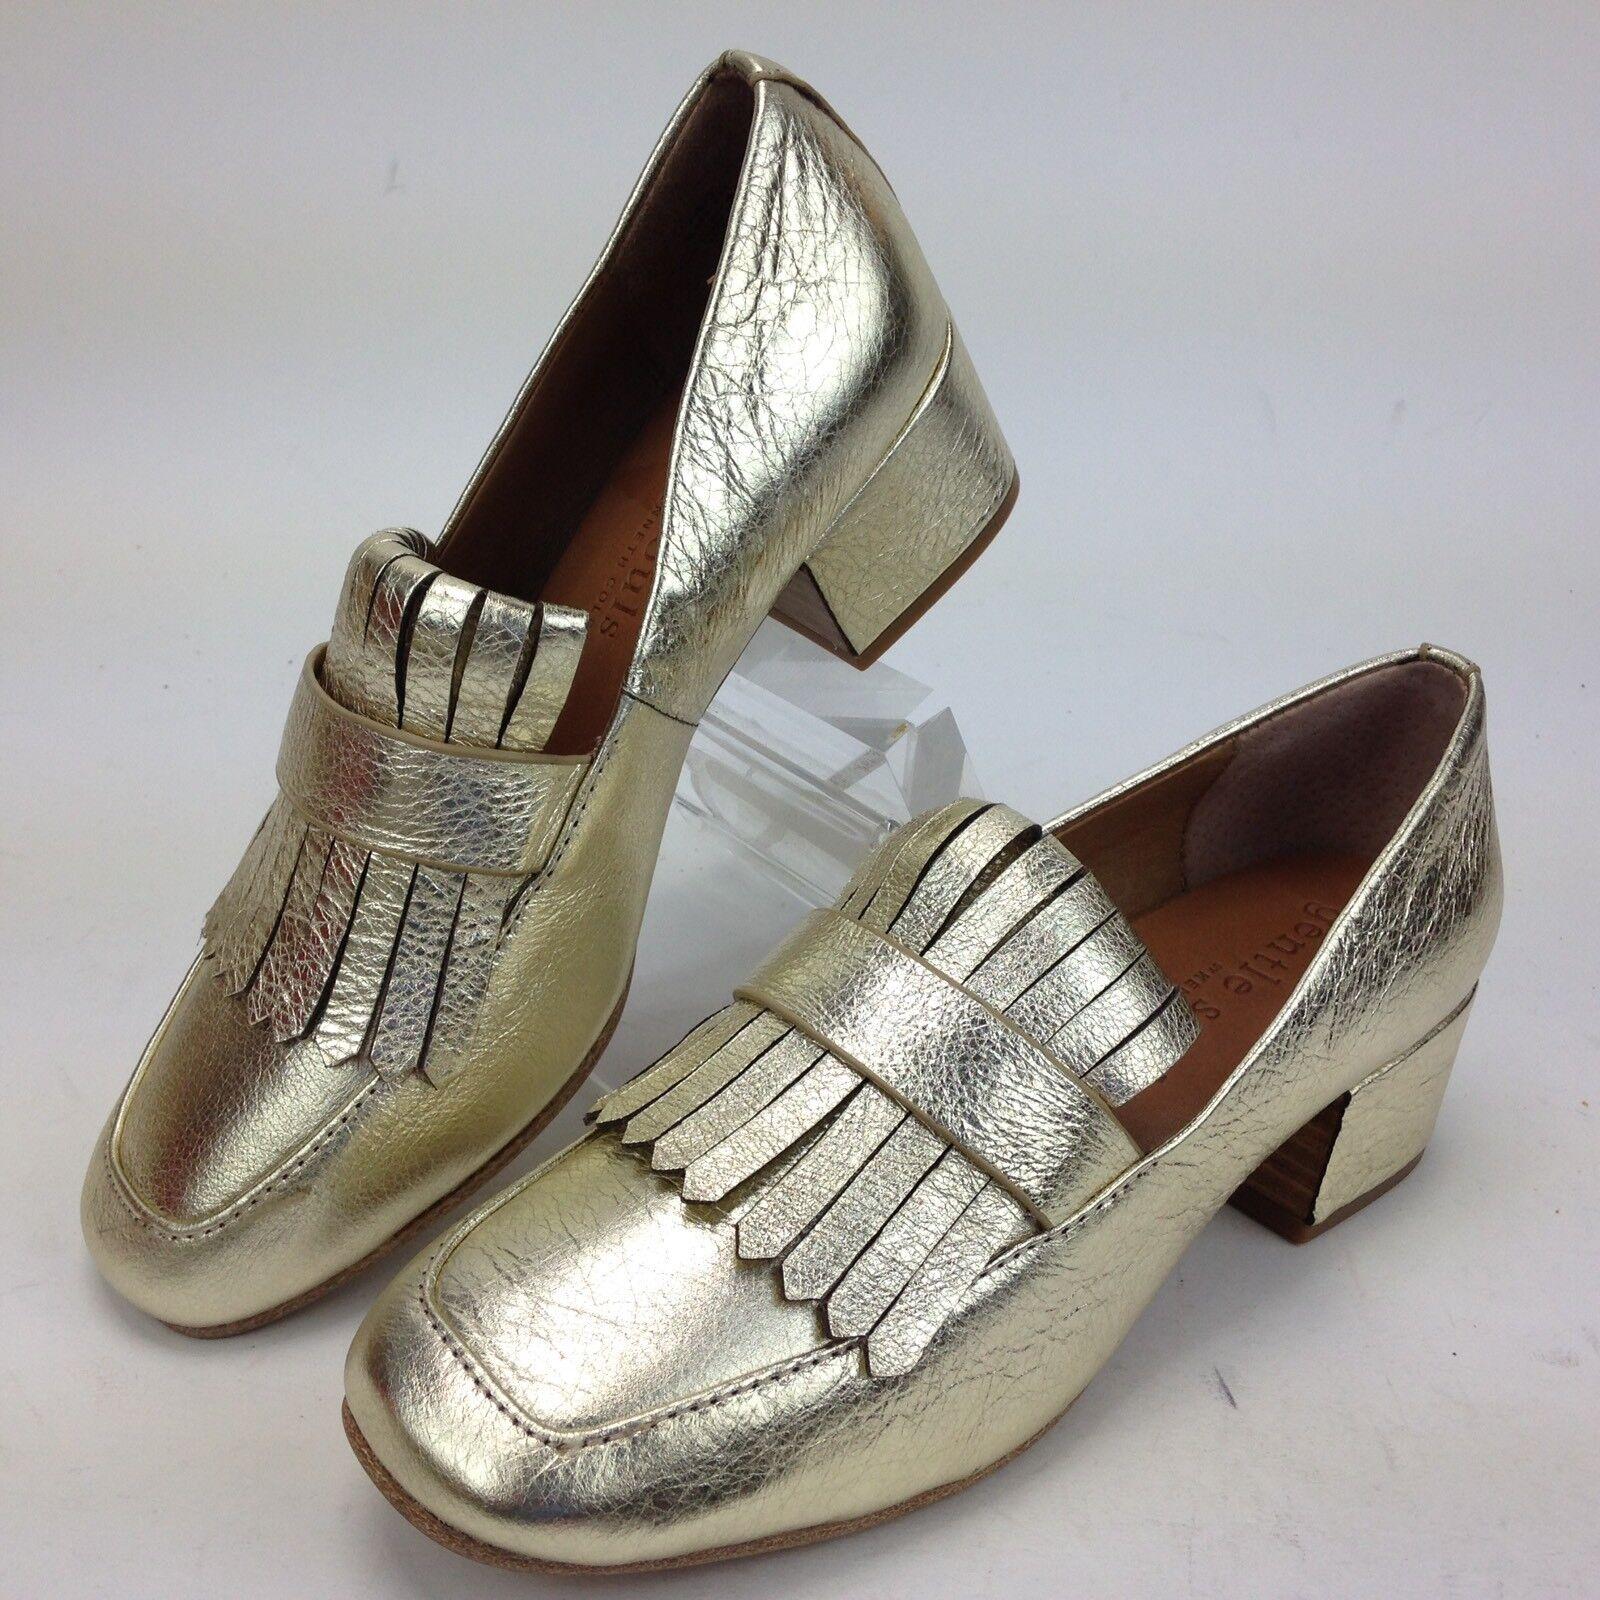 Gentle Souls Ethan Zapatos Mocasines para mujeres Oro Oro mujeres M Nuevo Sin Caja 253b02